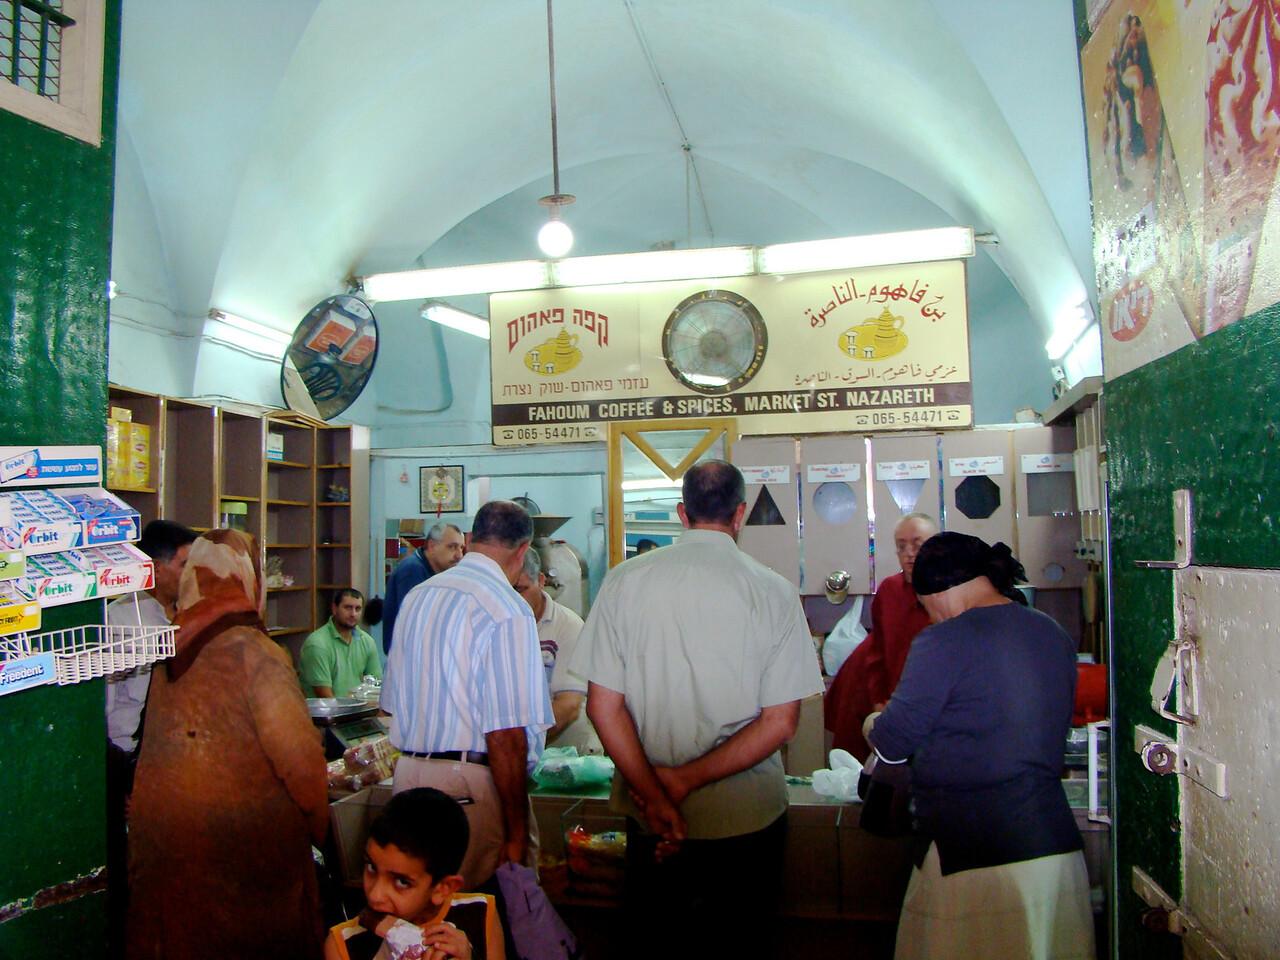 Nazareth Market-Coffee House-Market